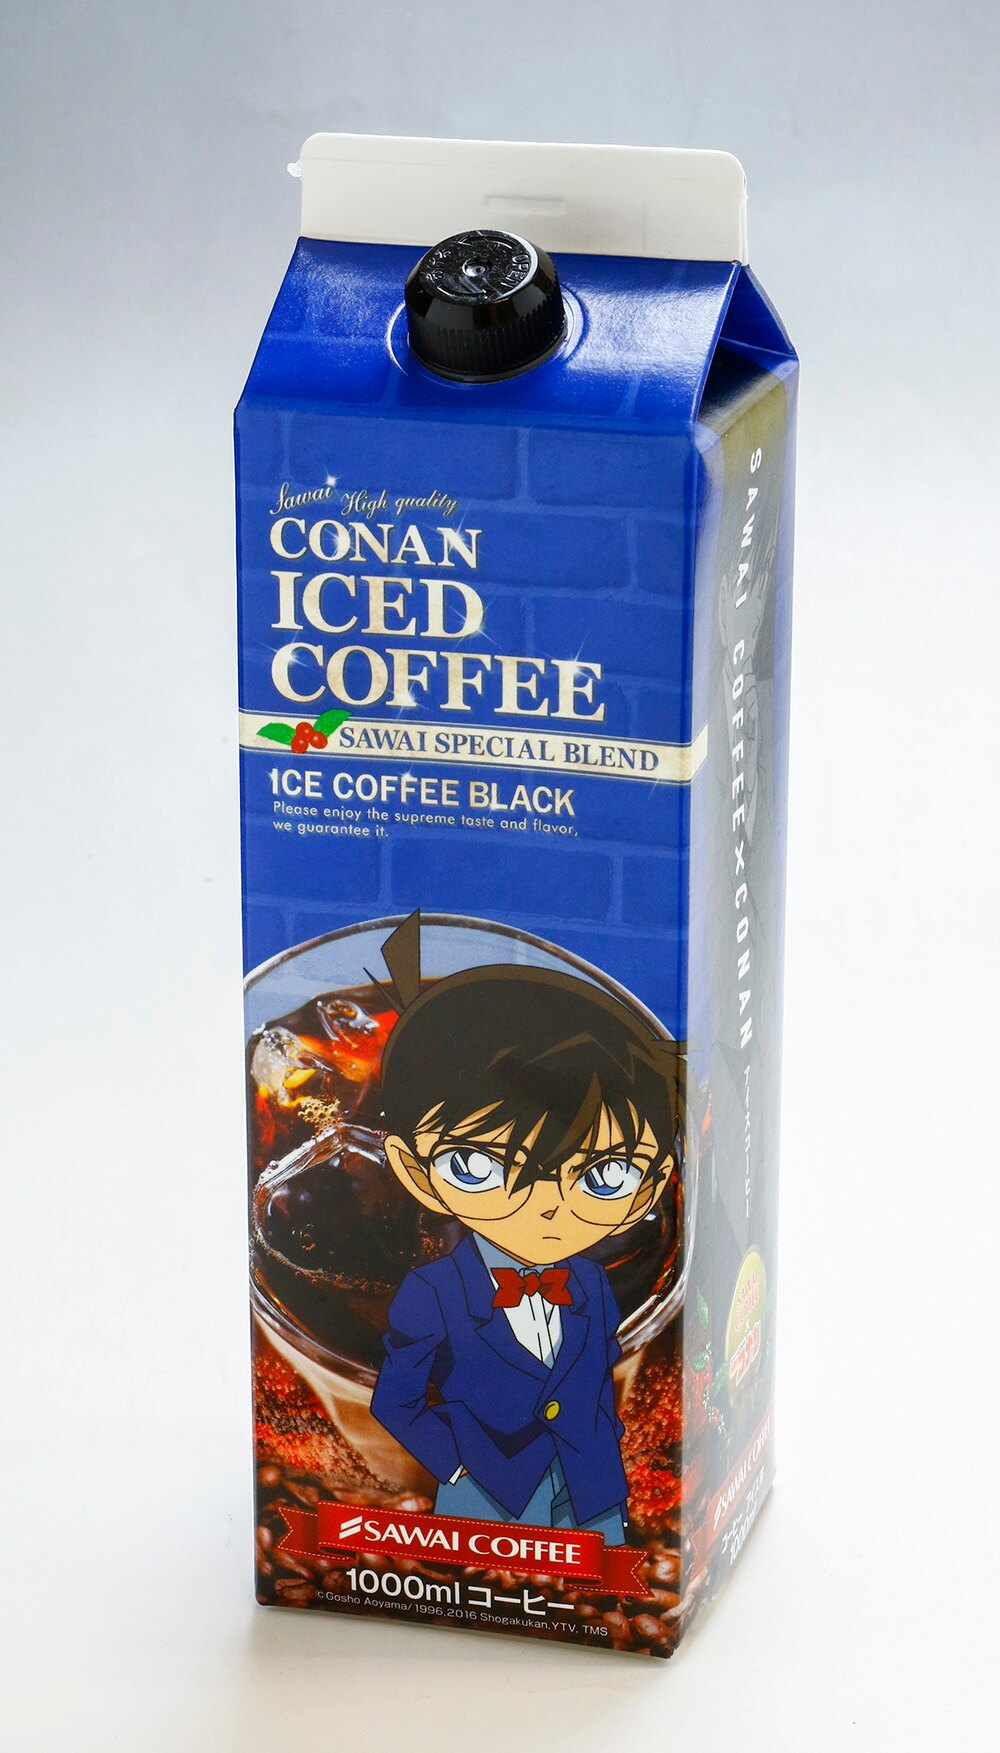 澤井咖啡 柯南系列 加糖紅茶.無糖紅茶.無糖咖啡 3